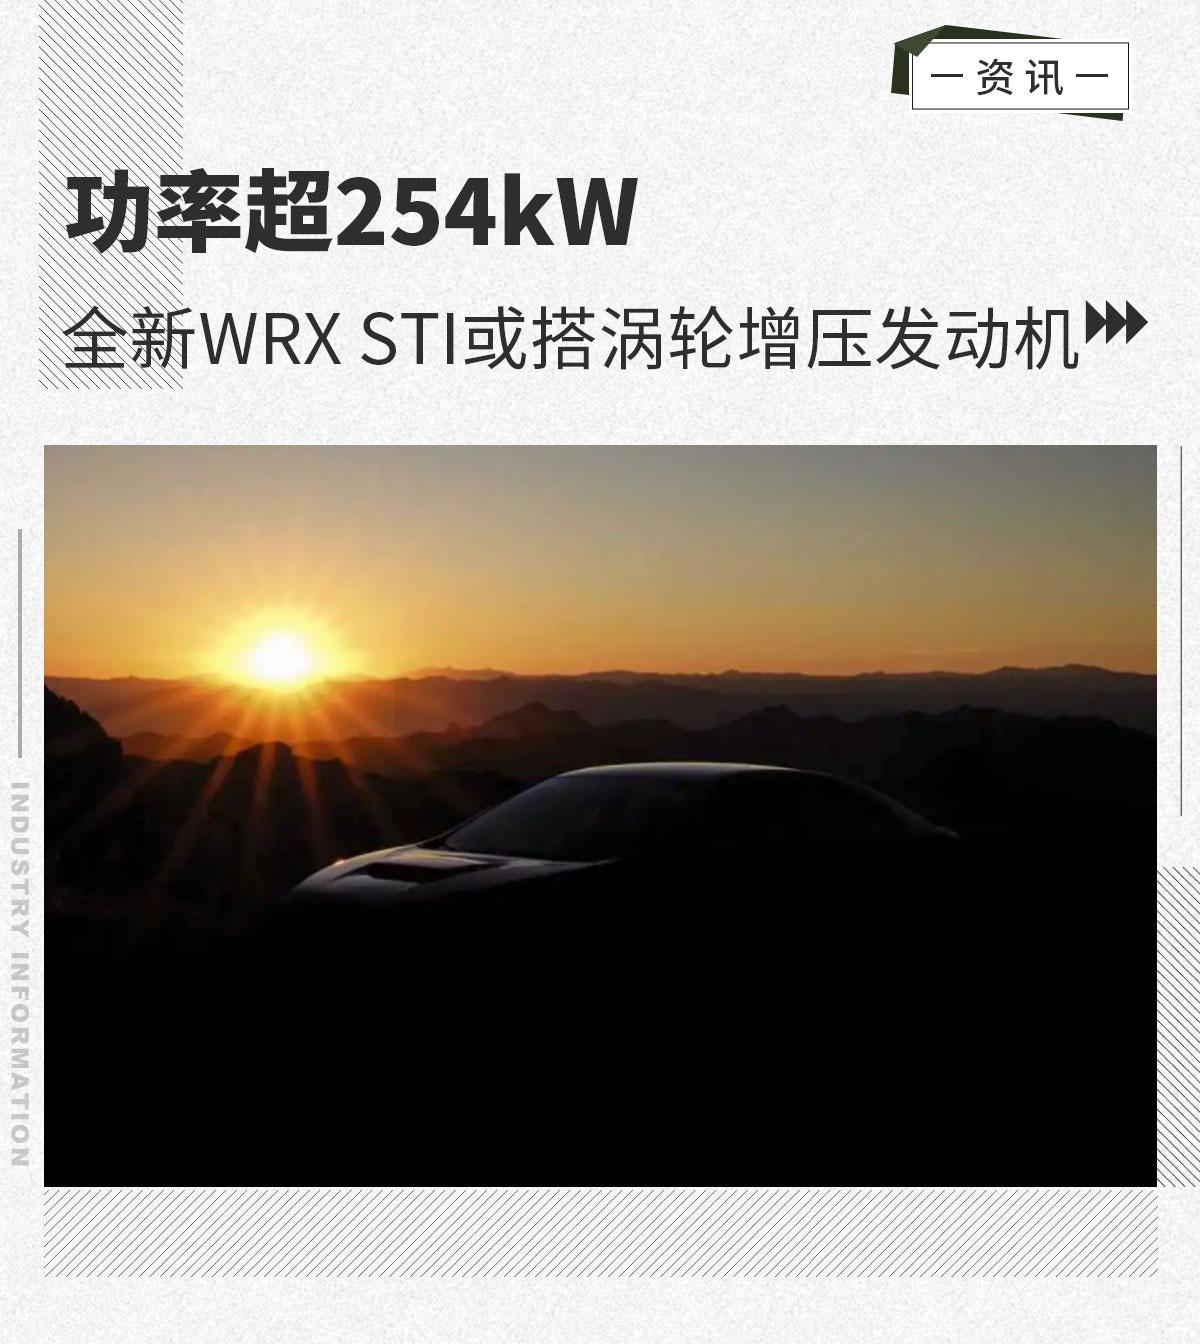 功率超254kW 斯巴鲁全新WRX STI或搭BRZ发动机